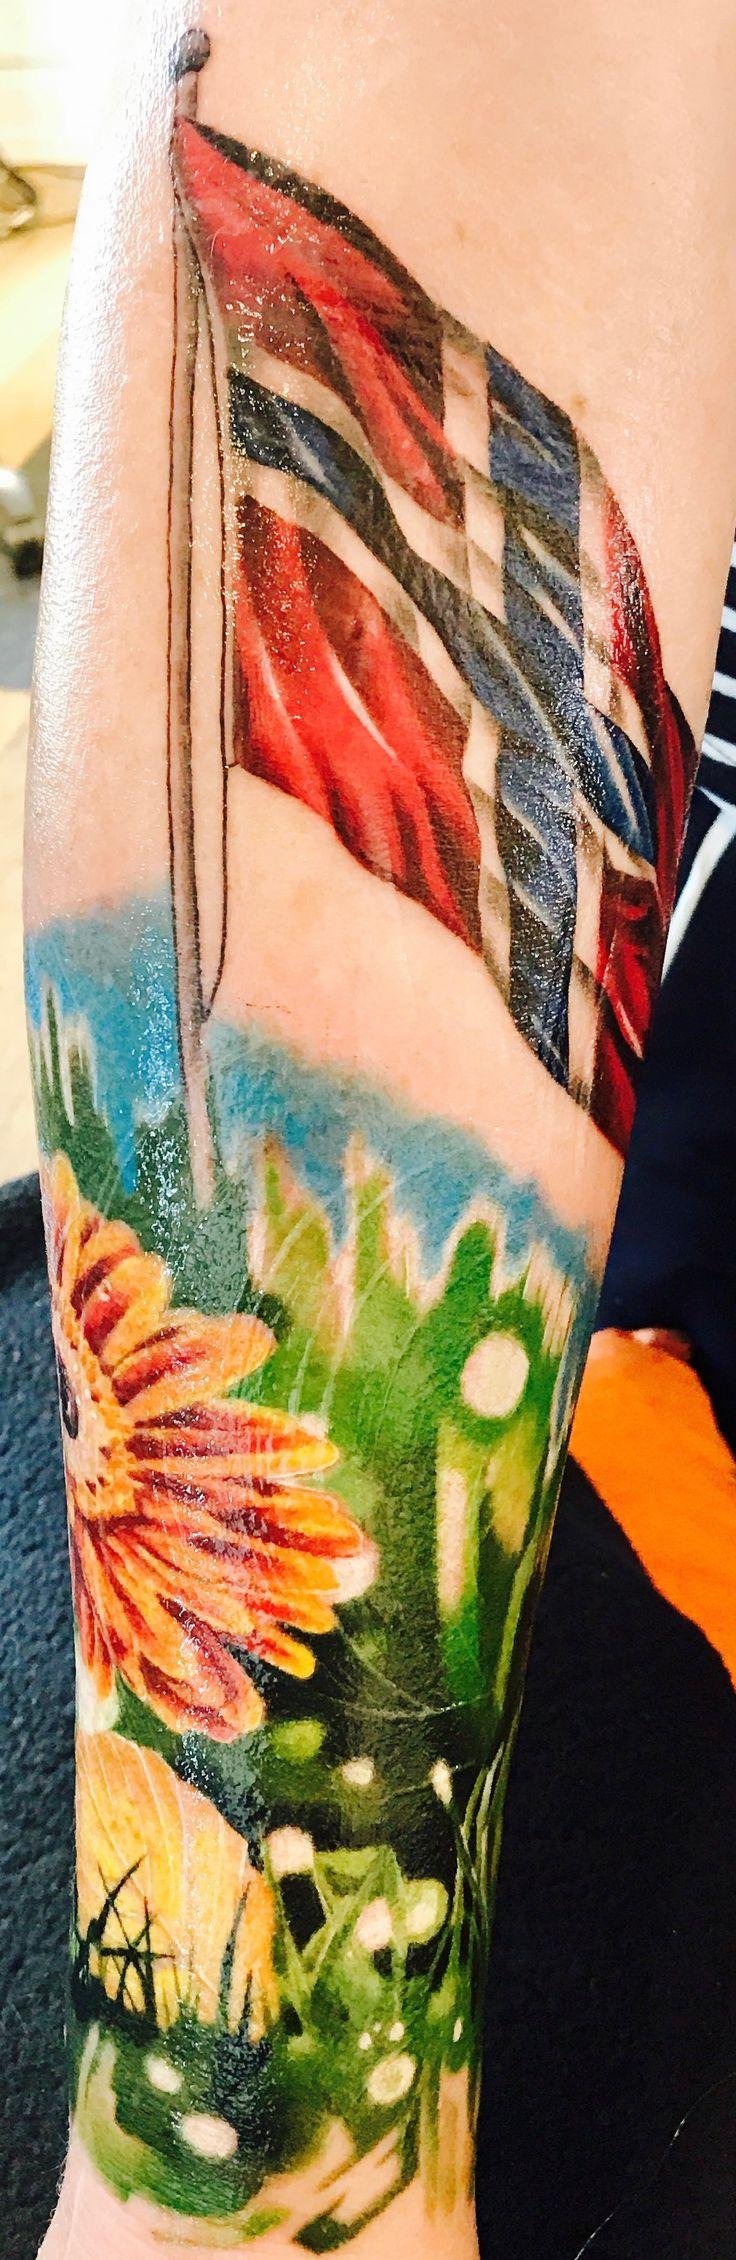 Watercolor Tattoo Norwegian Flag and Gerbera flower